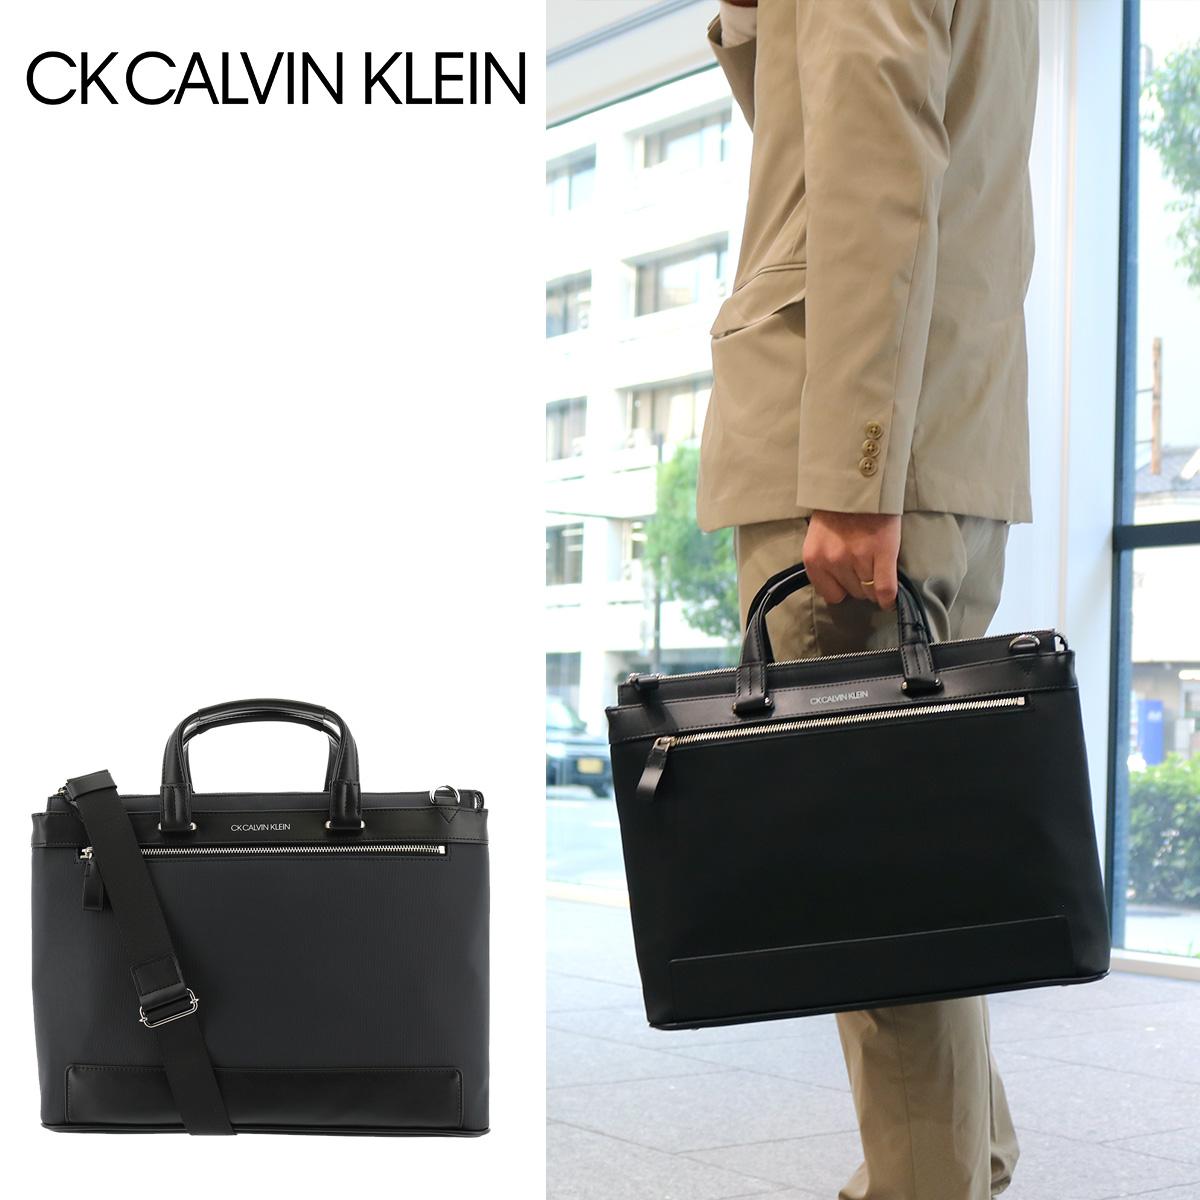 a70e330e7942 カルバンクライン ブリーフケース イーブン 828511 Calvin Klein PLATINUM プラティナム CK シーケー プラチナム ビジネス バッグ ショルダー